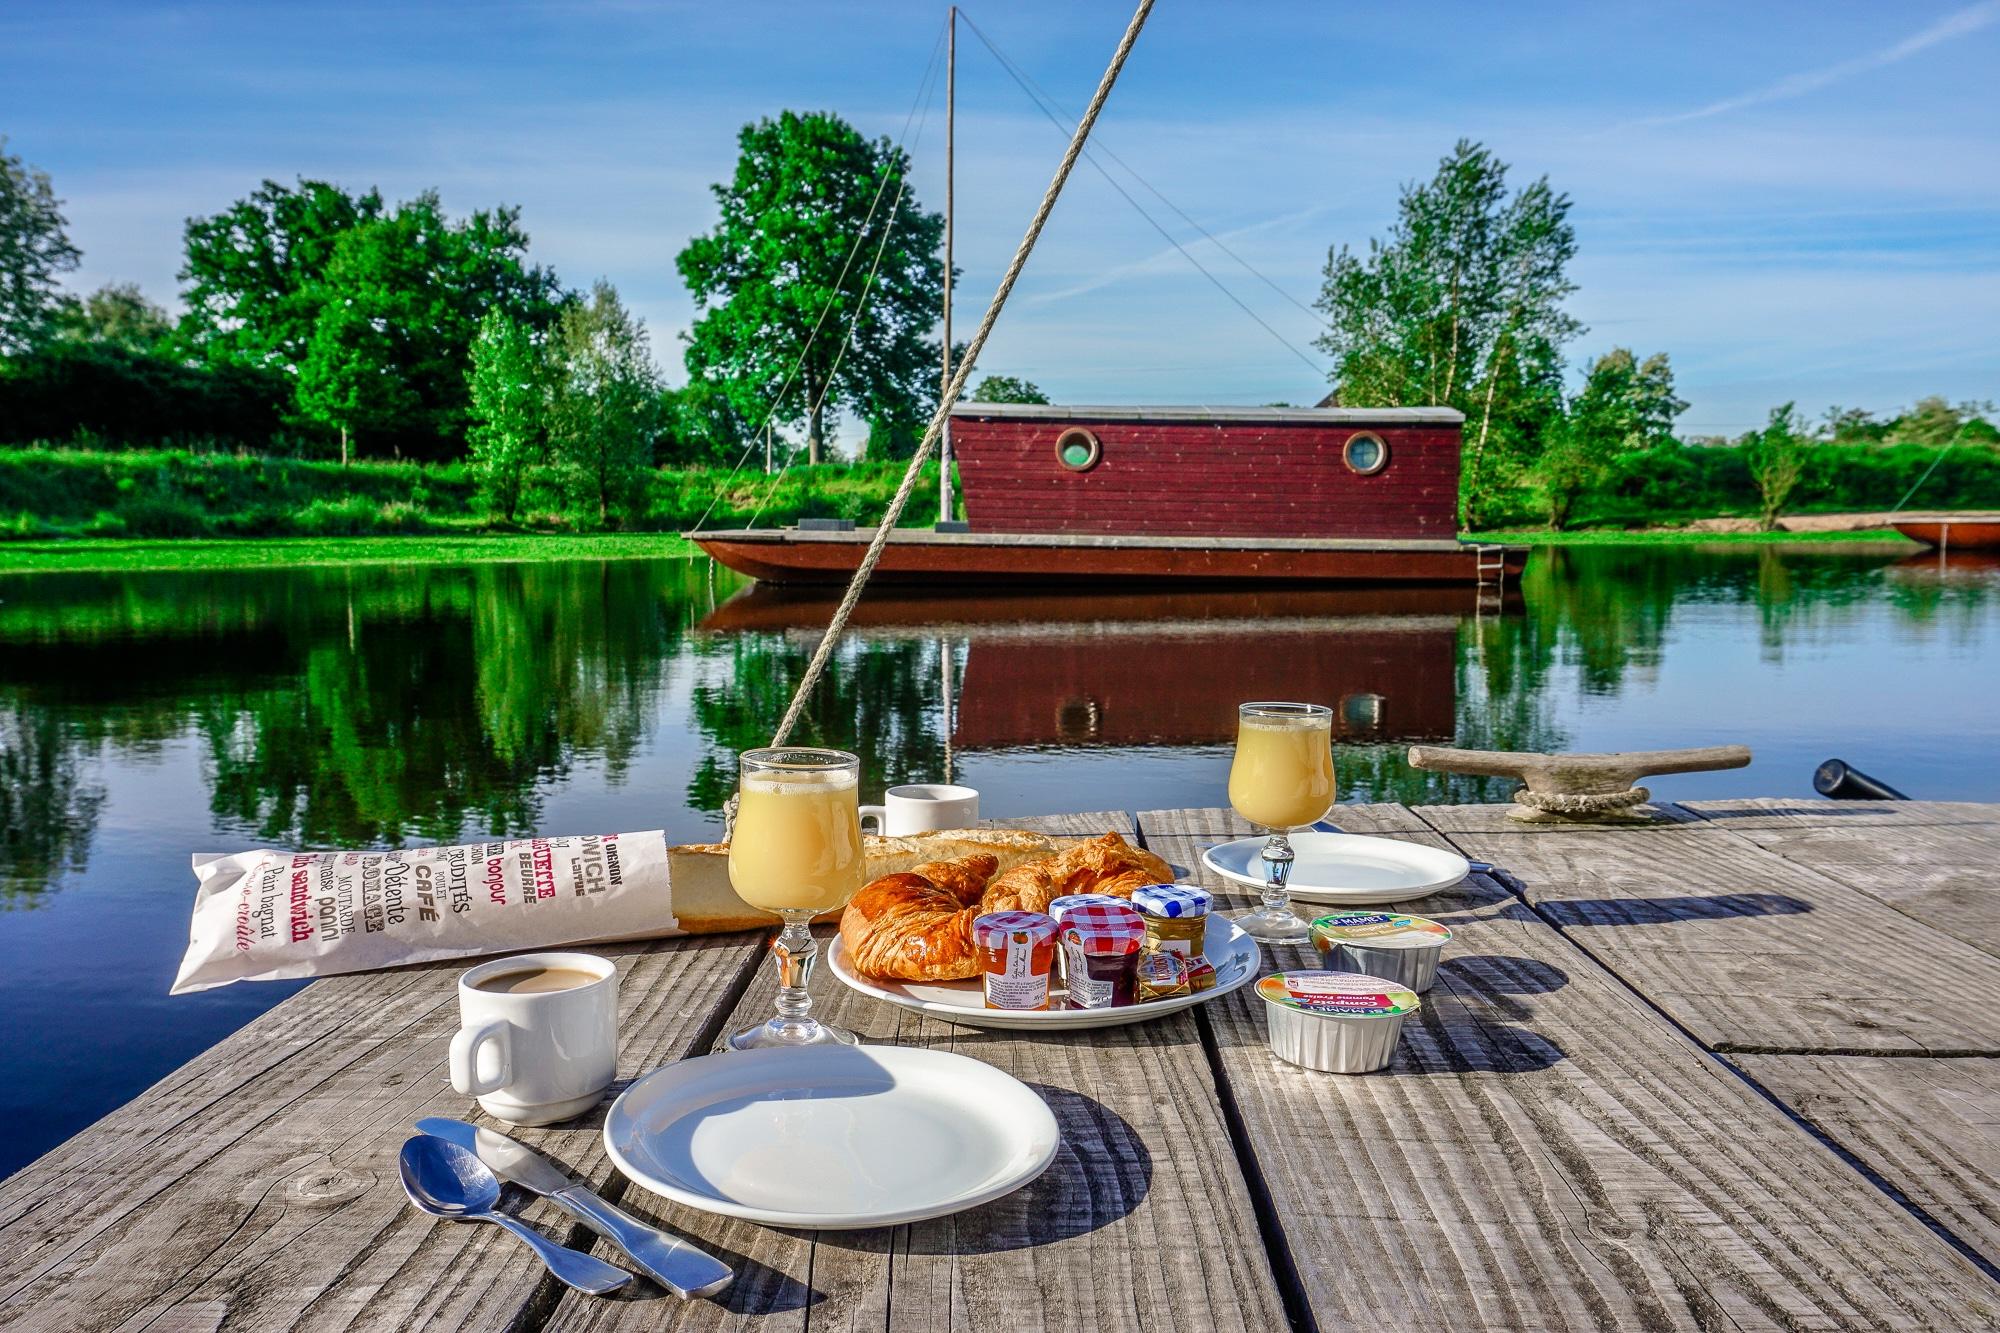 Hausbootferien in Frankreich: Auf dem Hausboot in Burgund und in den Vogesen